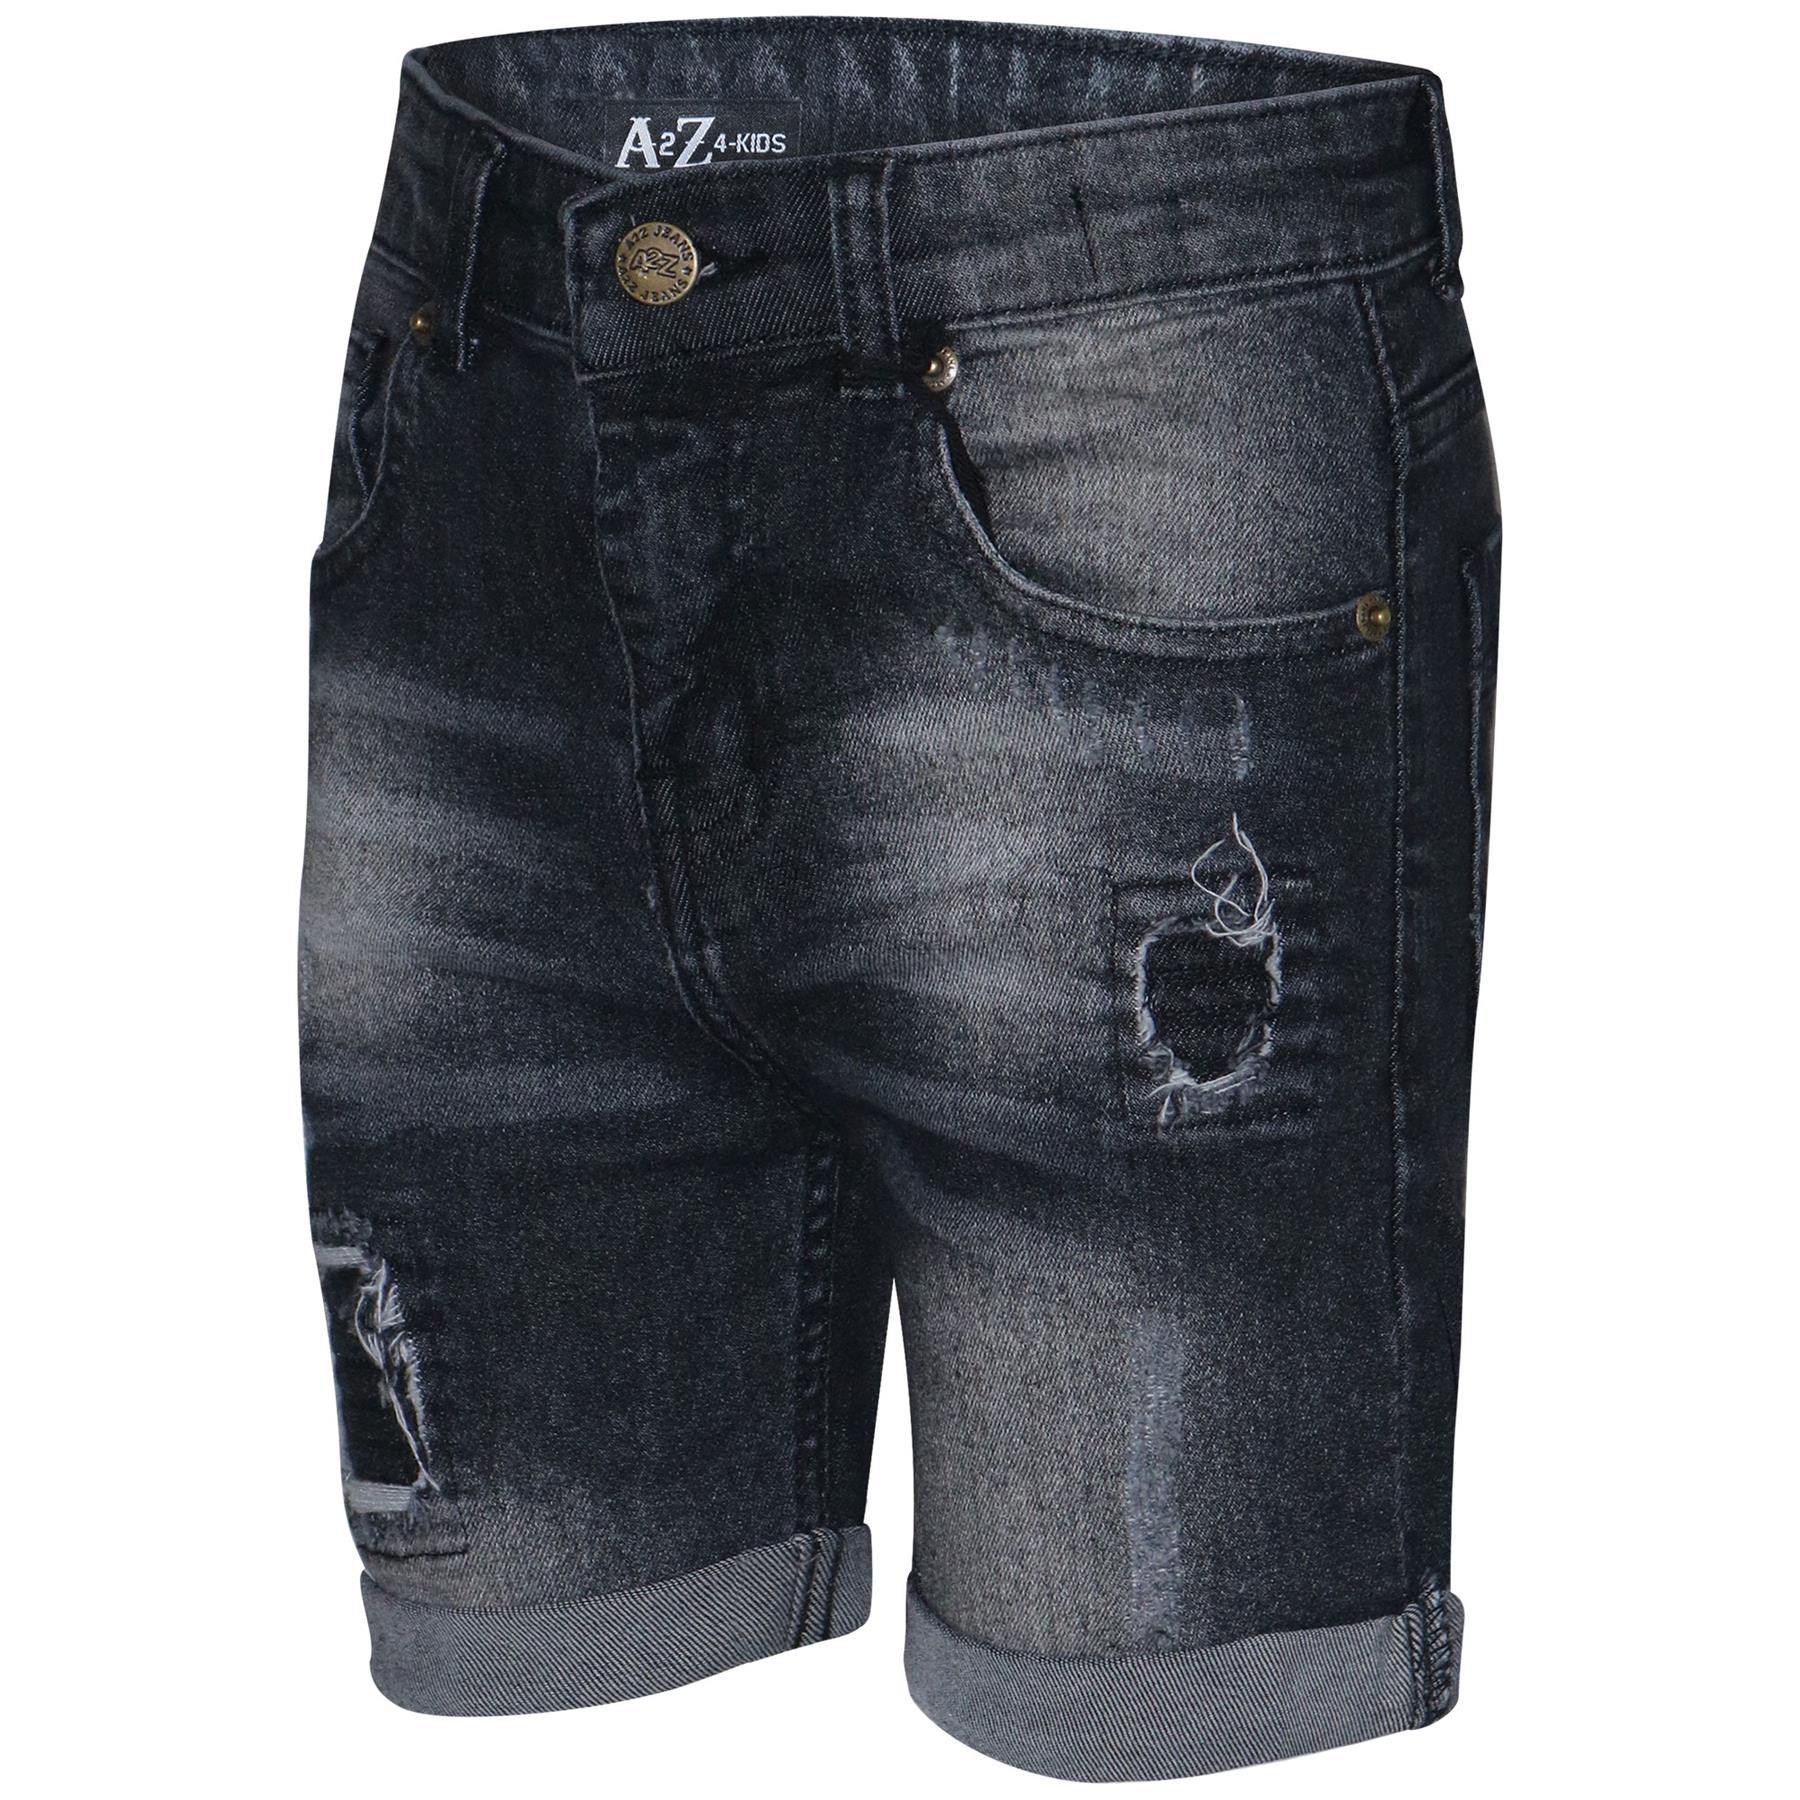 baratas para descuento 4e20d dee5d Detalles de Niños Chicos Pantalones Cortos Jeans Denim Rasgado chino  Bermudas Corto Hasta La Rodilla edad 5-13 años- ver título original